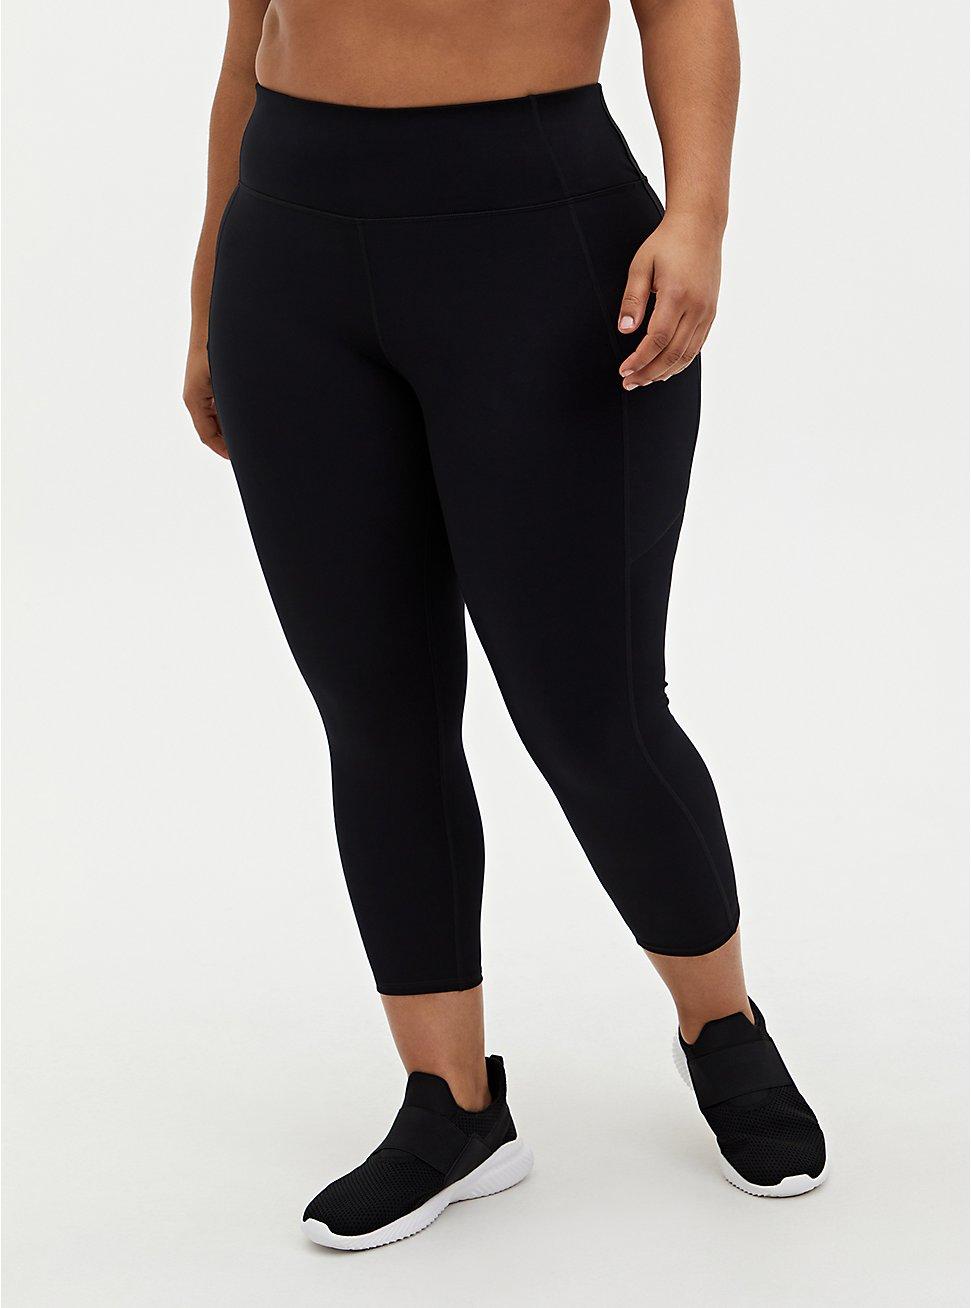 Black Crop Active Lightweight Legging with Pockets, BLACK, hi-res